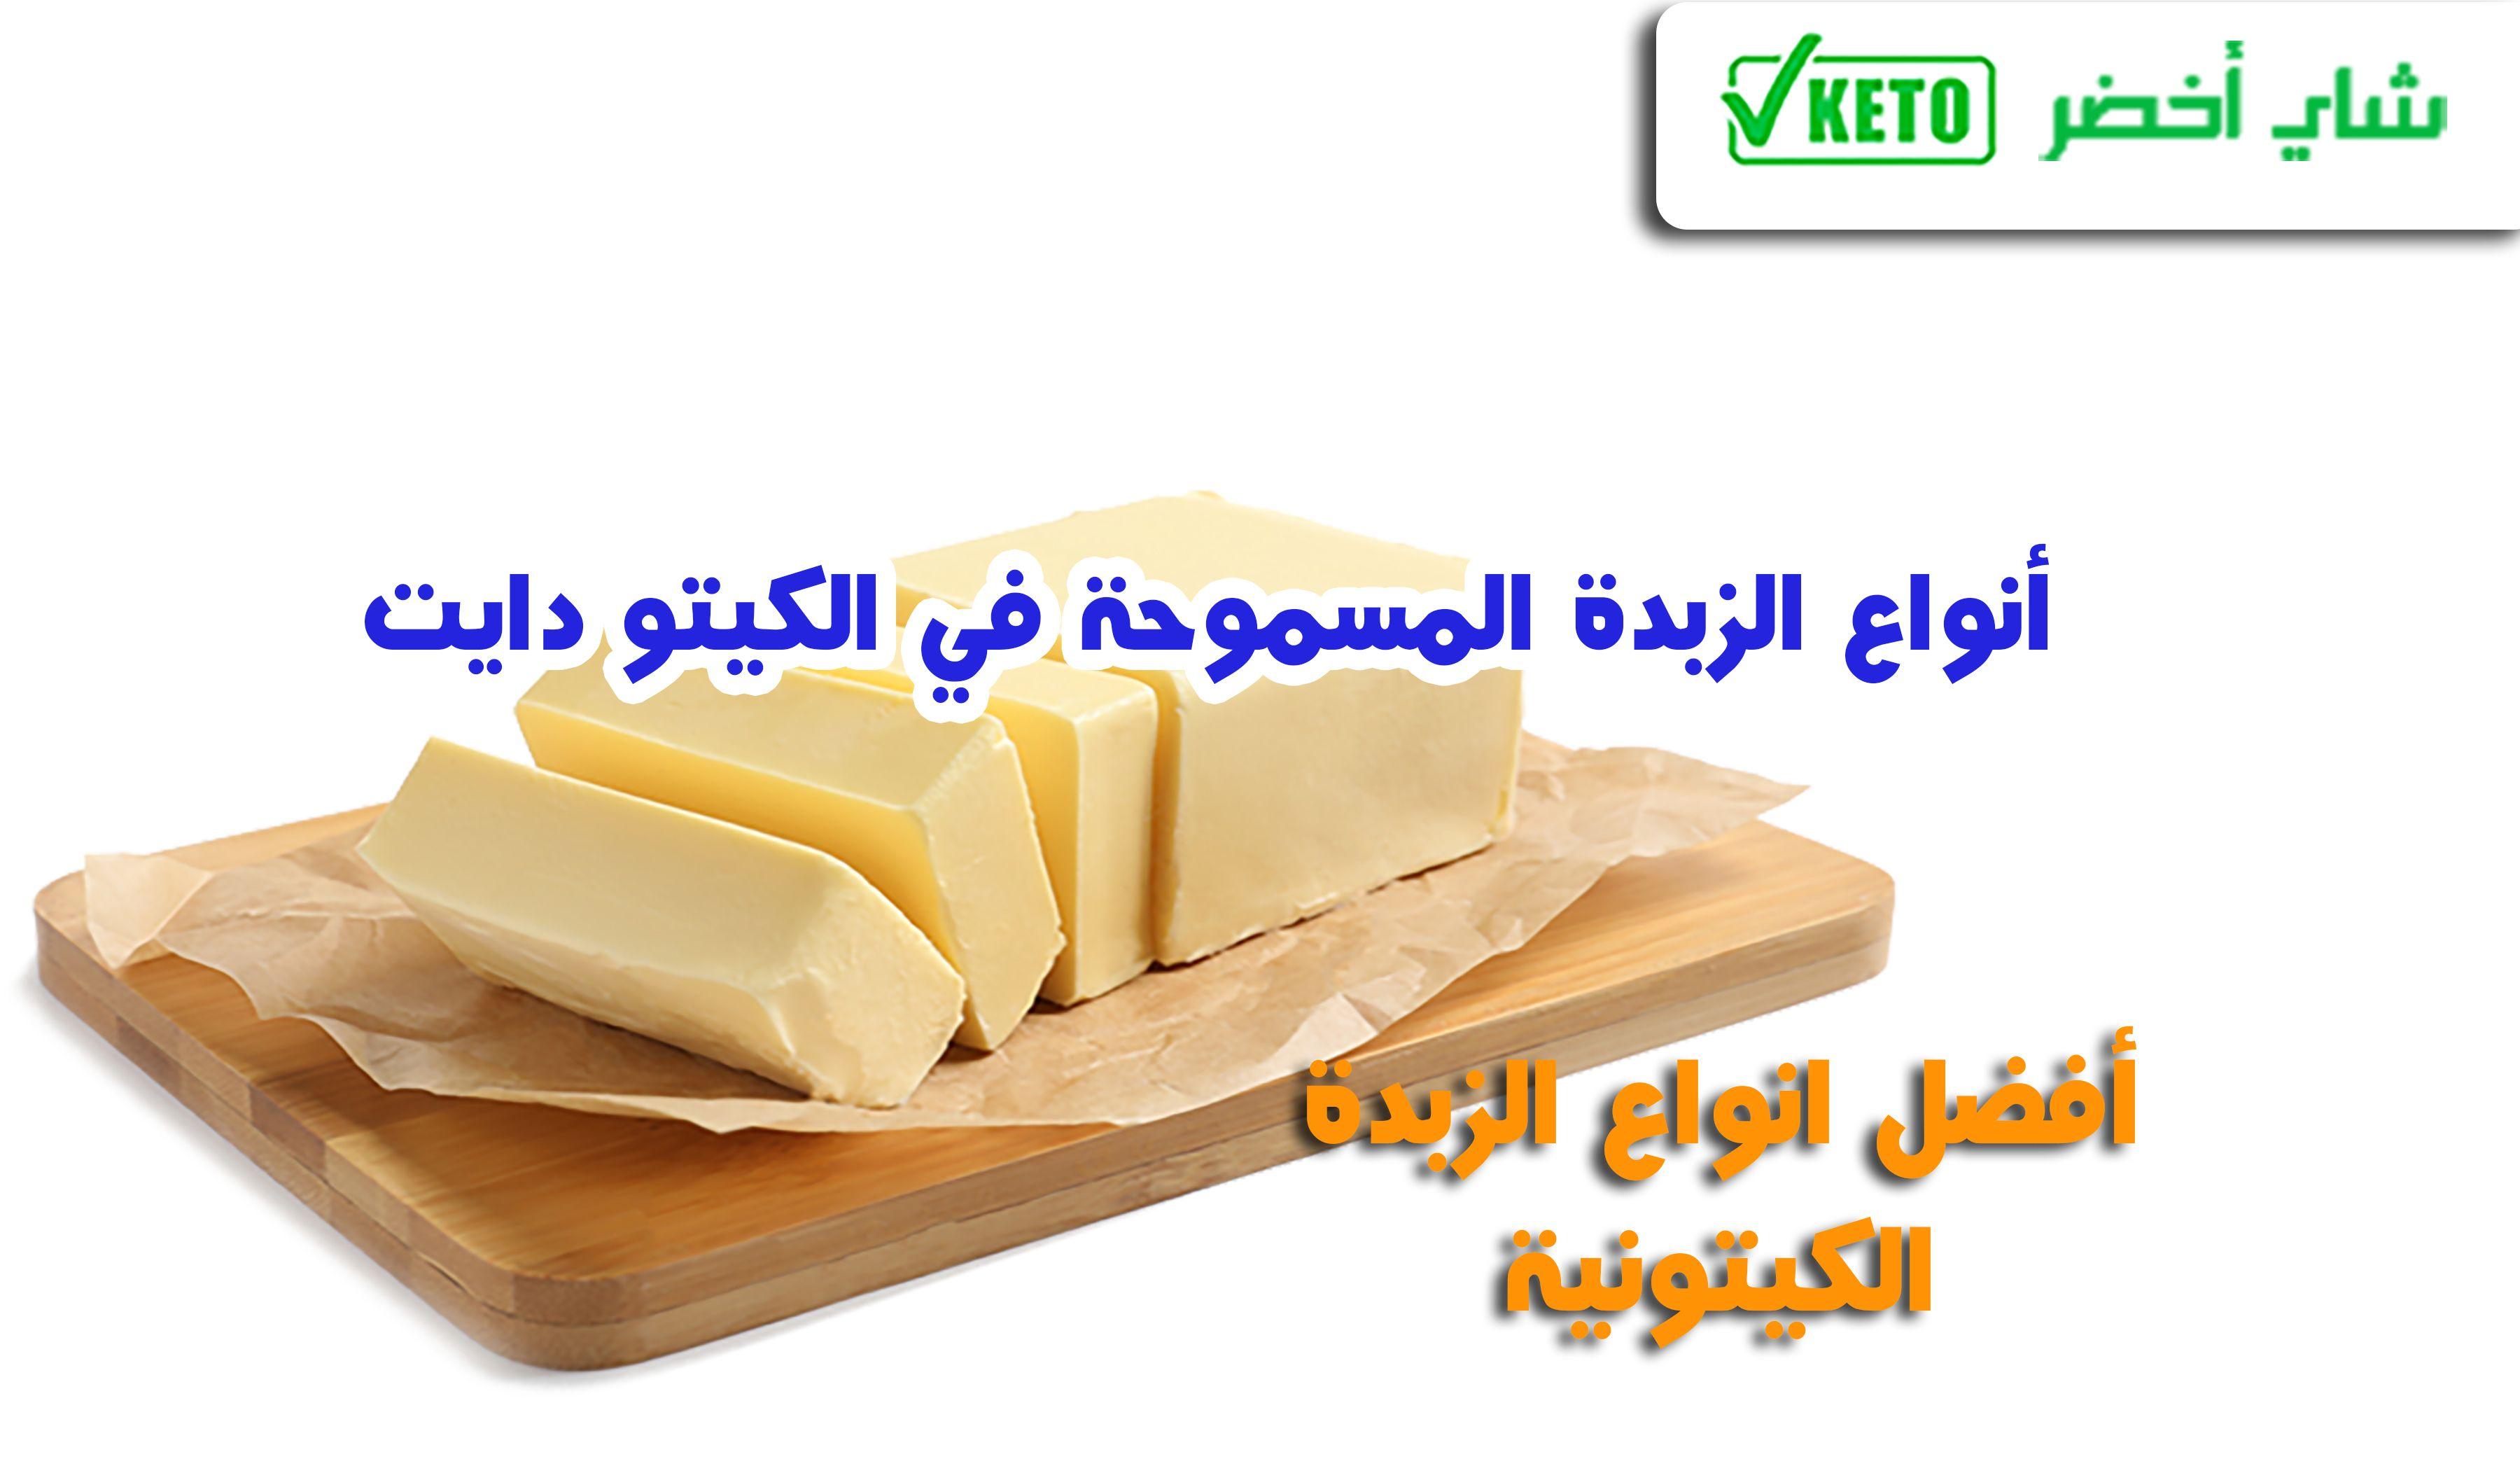 أنواع الزبدة المسموحة في الكيتو دايت In 2021 Best Butter Keto Dish Soap